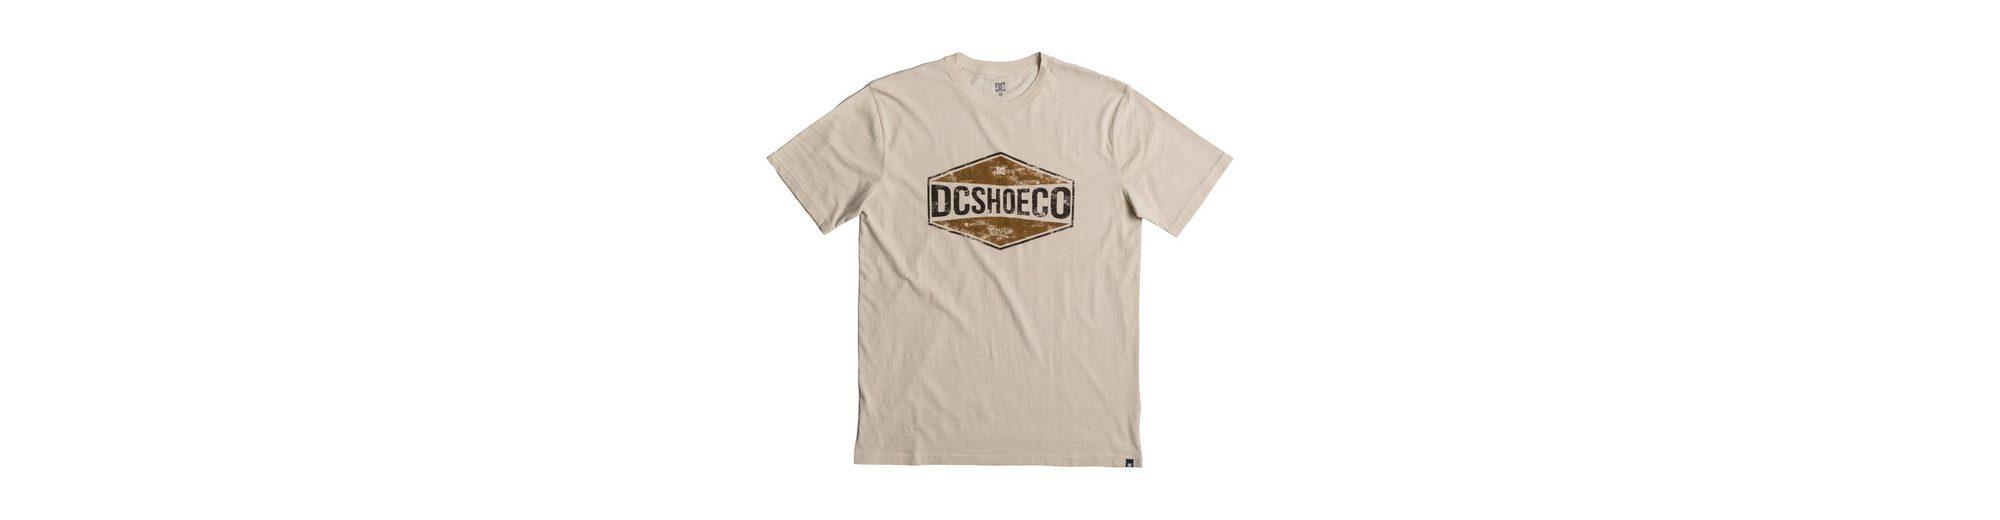 DC Shoes T-Shirt Bird Of Prey Rabatt Fälschung Manchester Günstiger Preis 9uGWMDSl3f